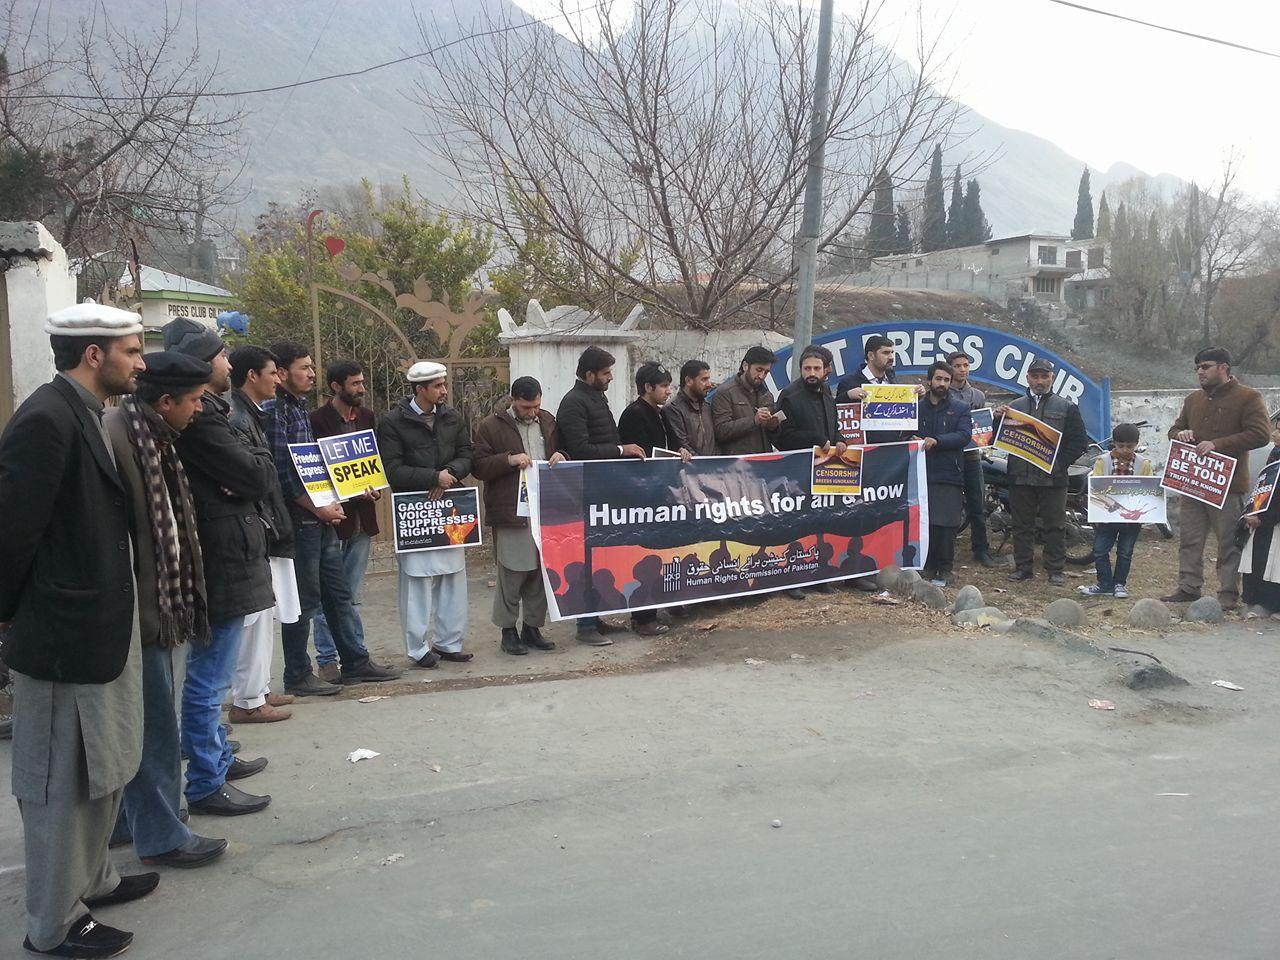 ریاست انسانی حقوق کی پامالیاں روکنے کے لئے موثر اقدامات کرے، گلگت میں مظاہرین کا مطالبہ